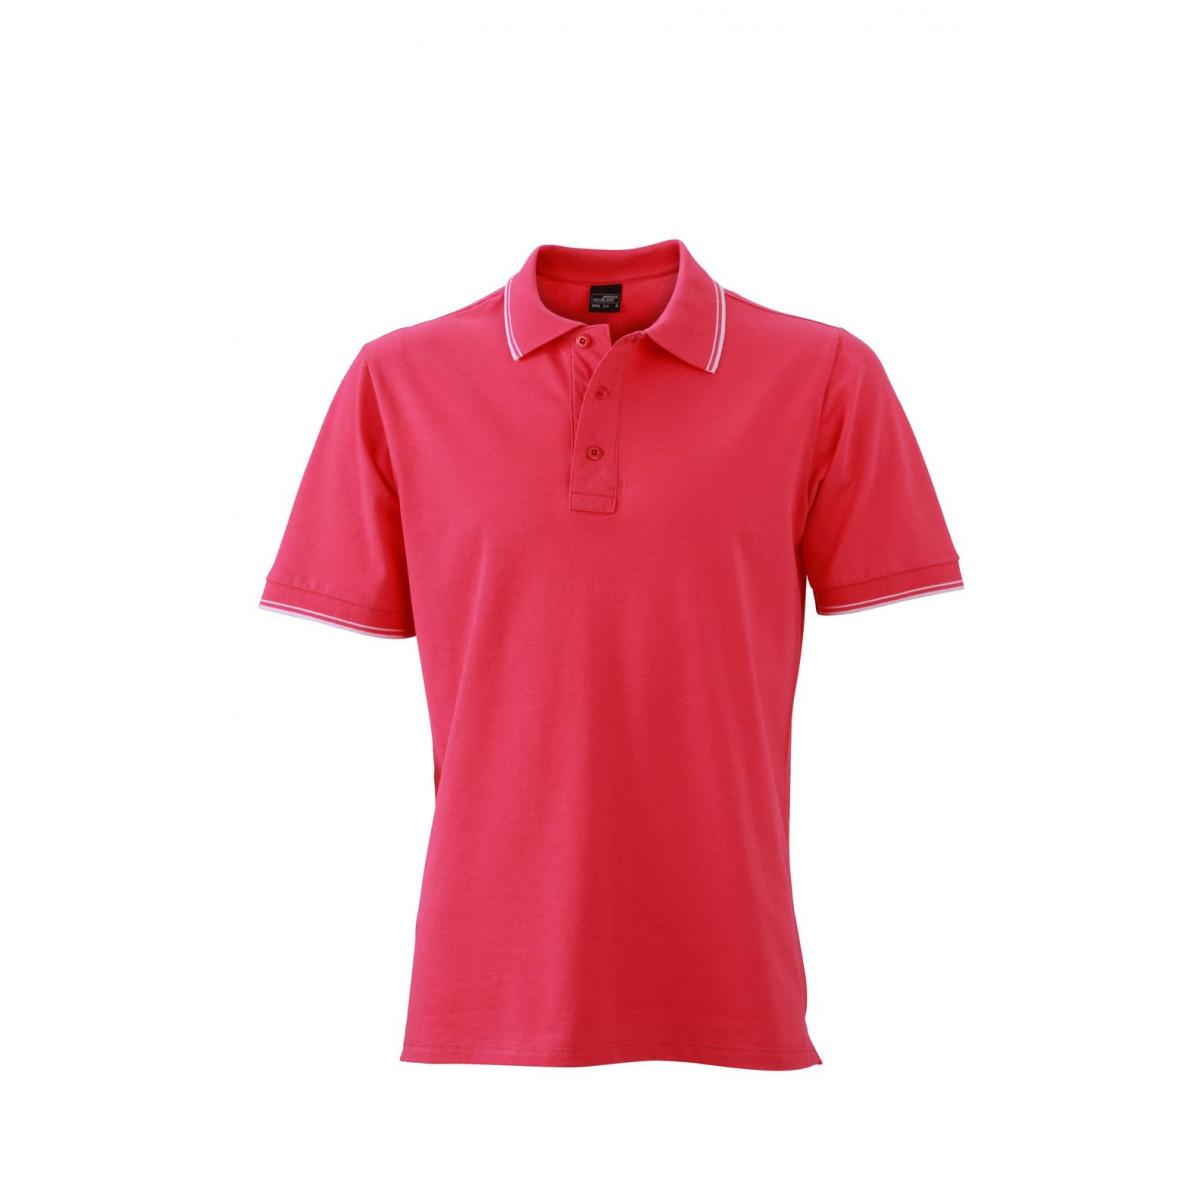 Рубашка поло мужская JN986 Mens Polo - Розовый/Белый